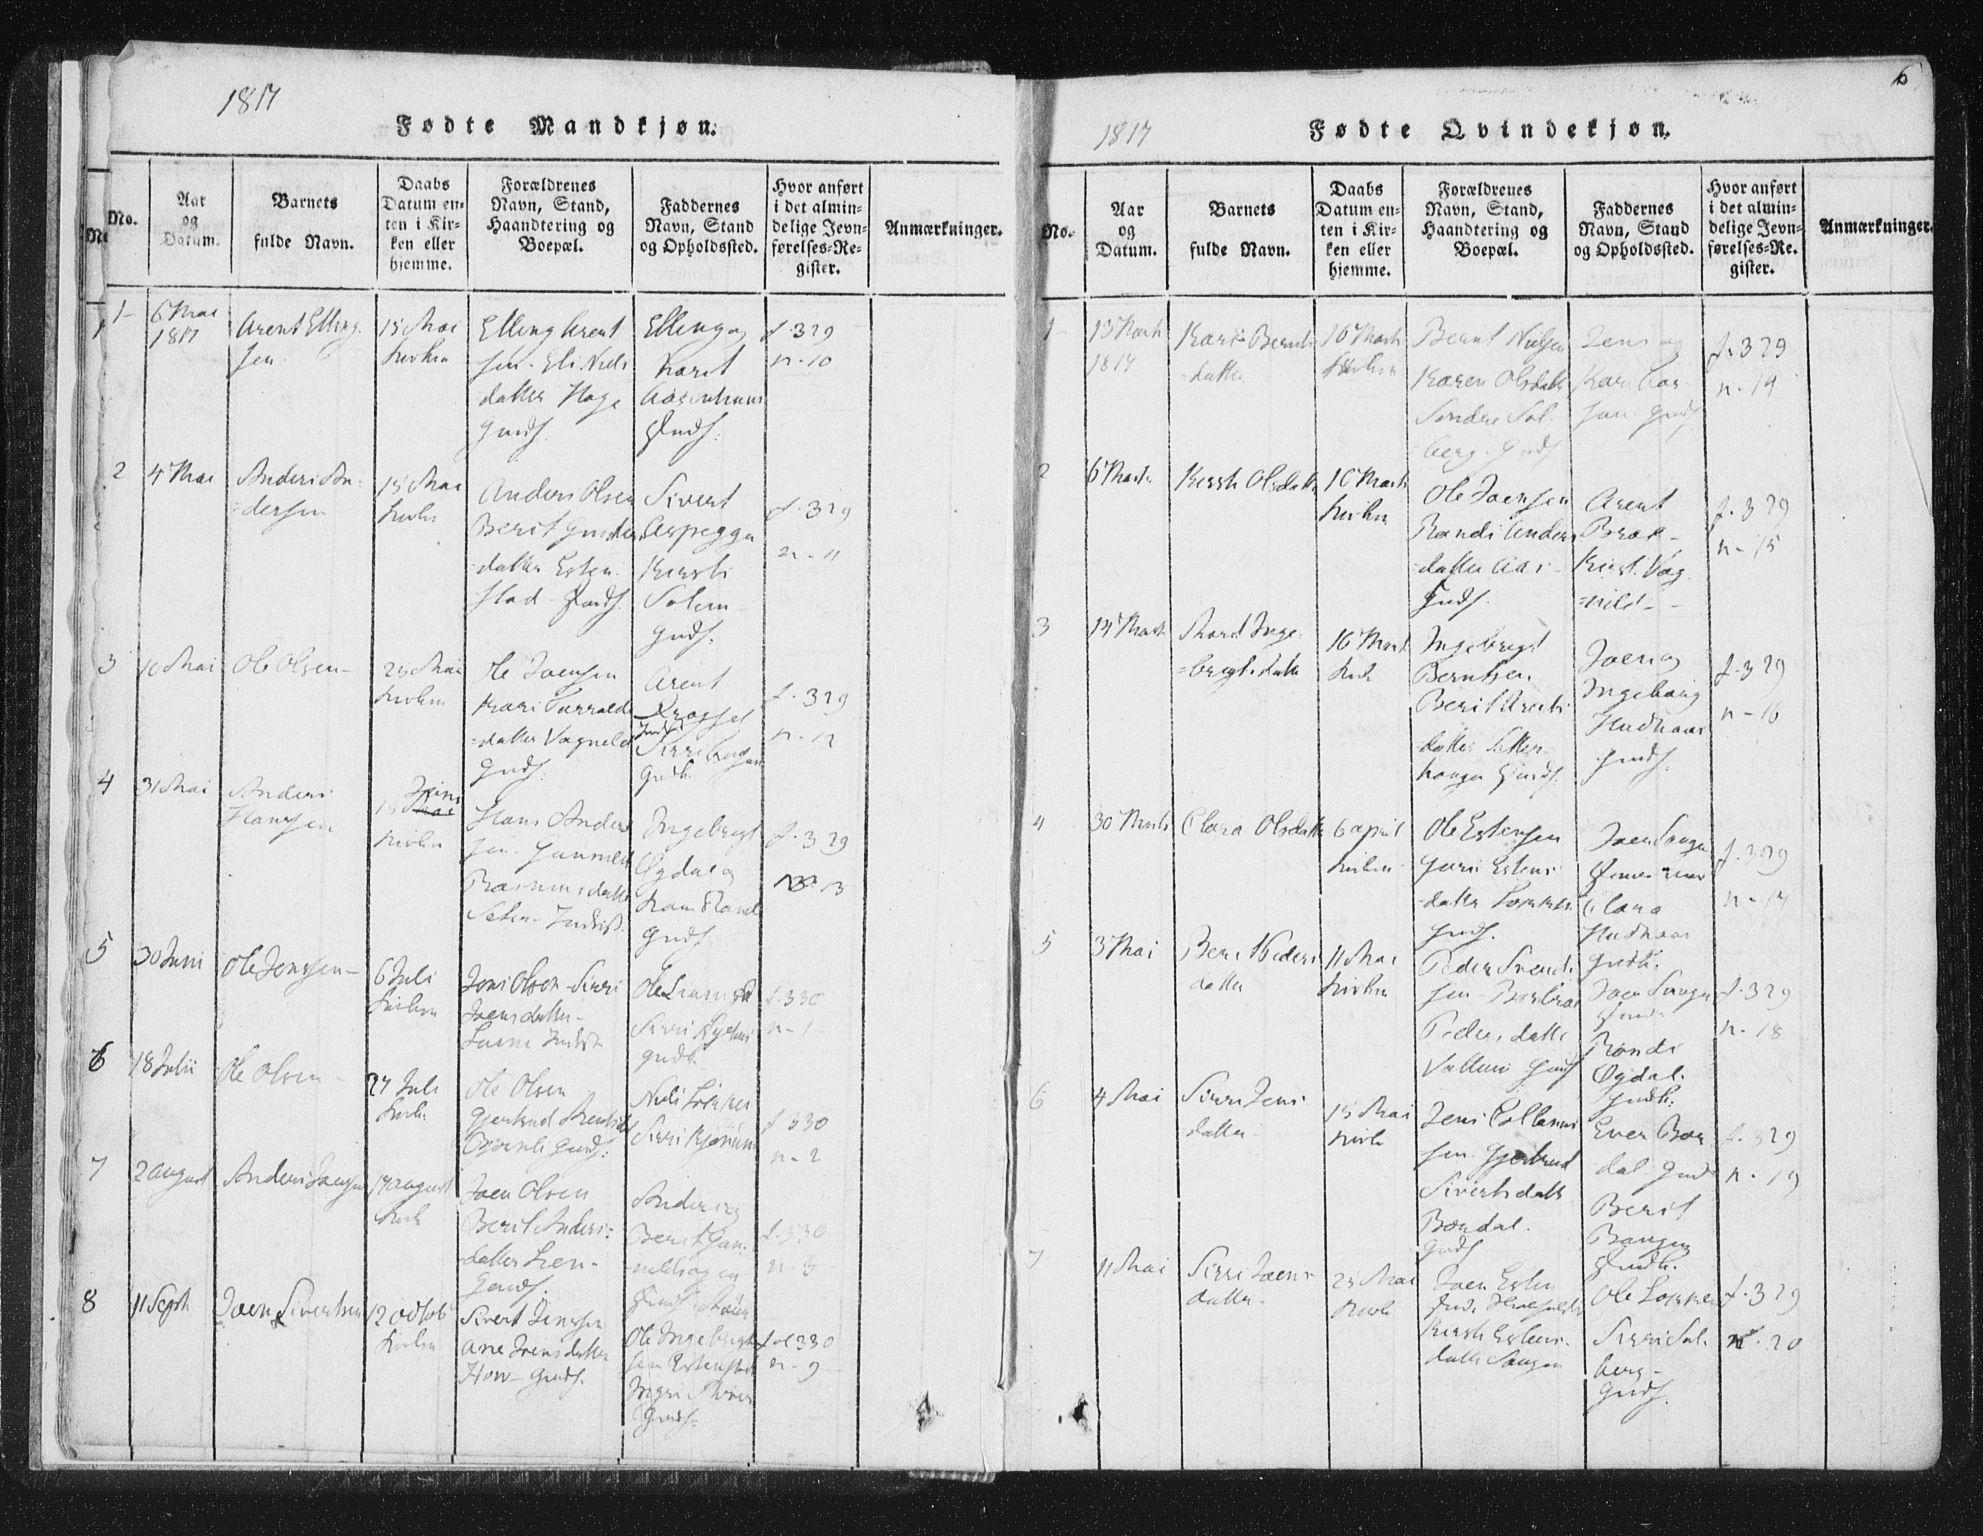 SAT, Ministerialprotokoller, klokkerbøker og fødselsregistre - Sør-Trøndelag, 689/L1037: Ministerialbok nr. 689A02, 1816-1842, s. 6